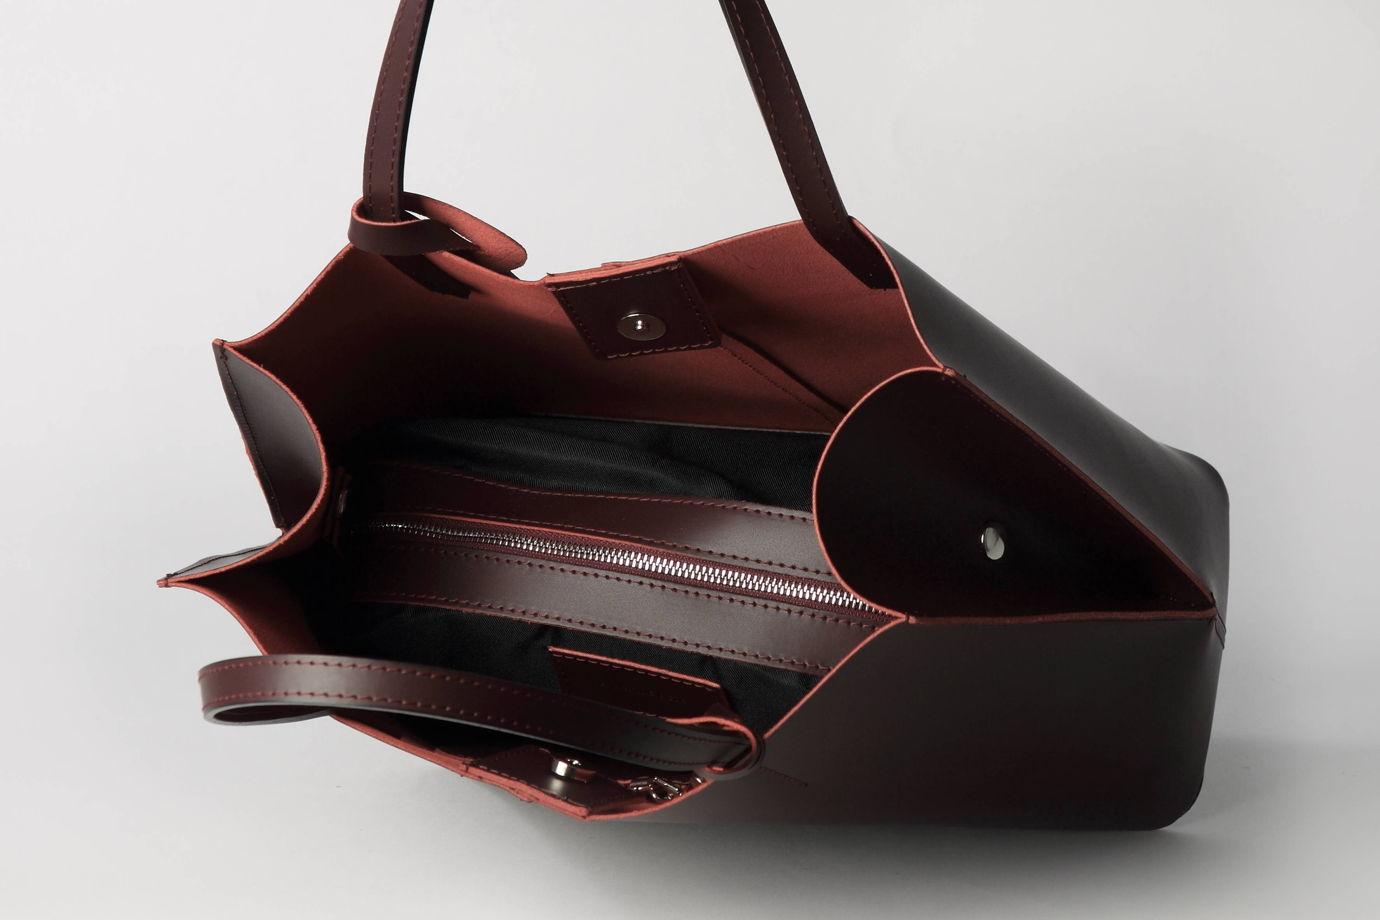 Элегантная женская  кожаная сумка винного оттенка - доставка 7/10 дней из Италии